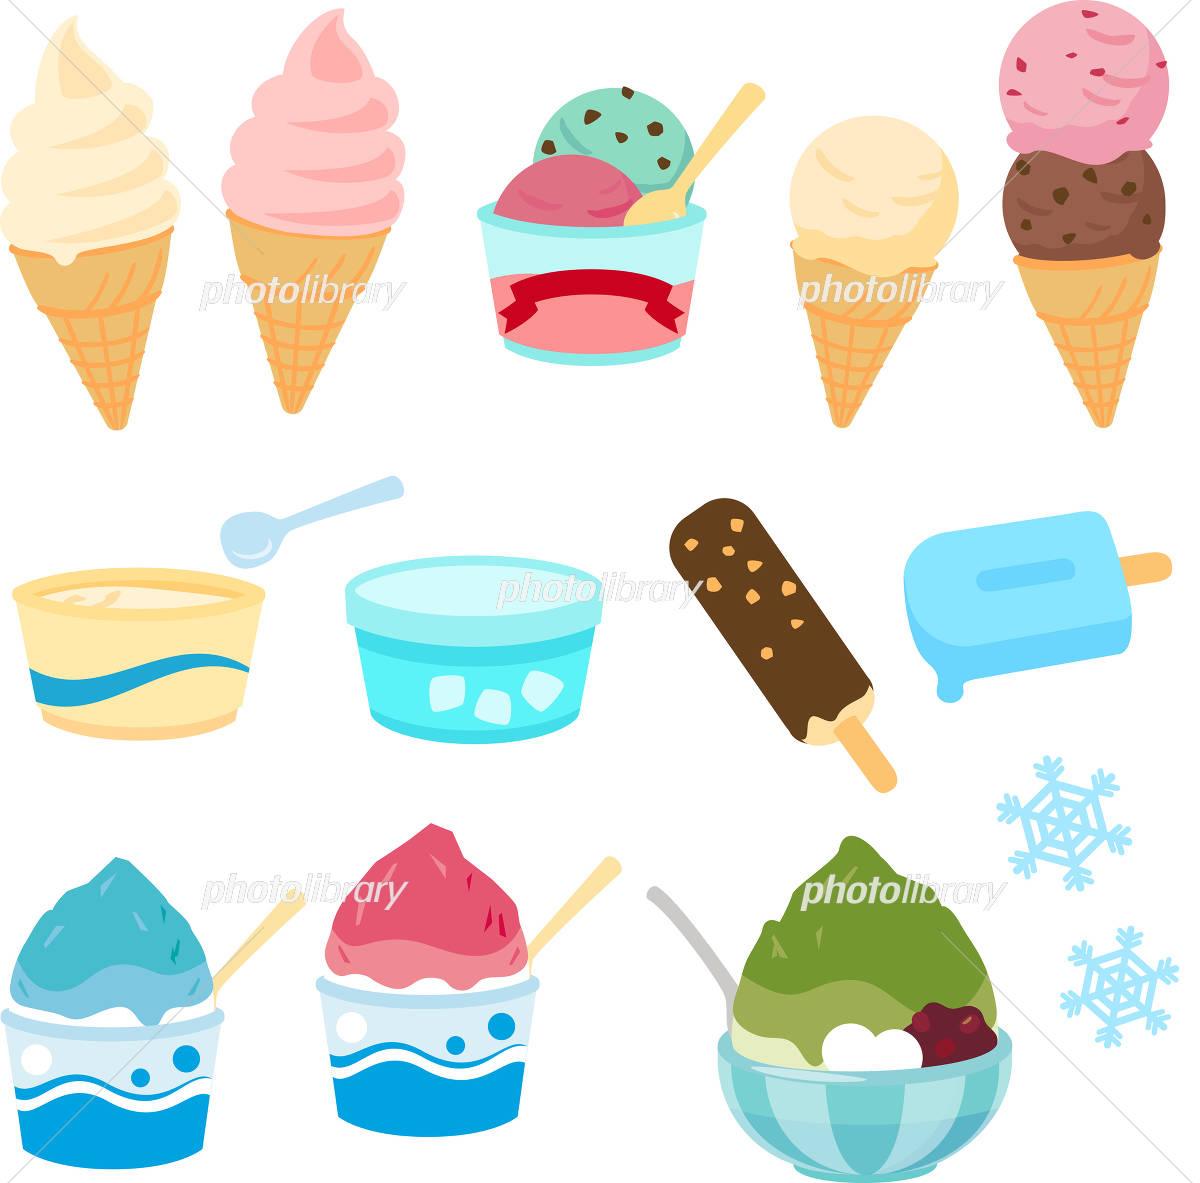 アイスクリームとかき氷のイラストセット イラスト素材 4286708